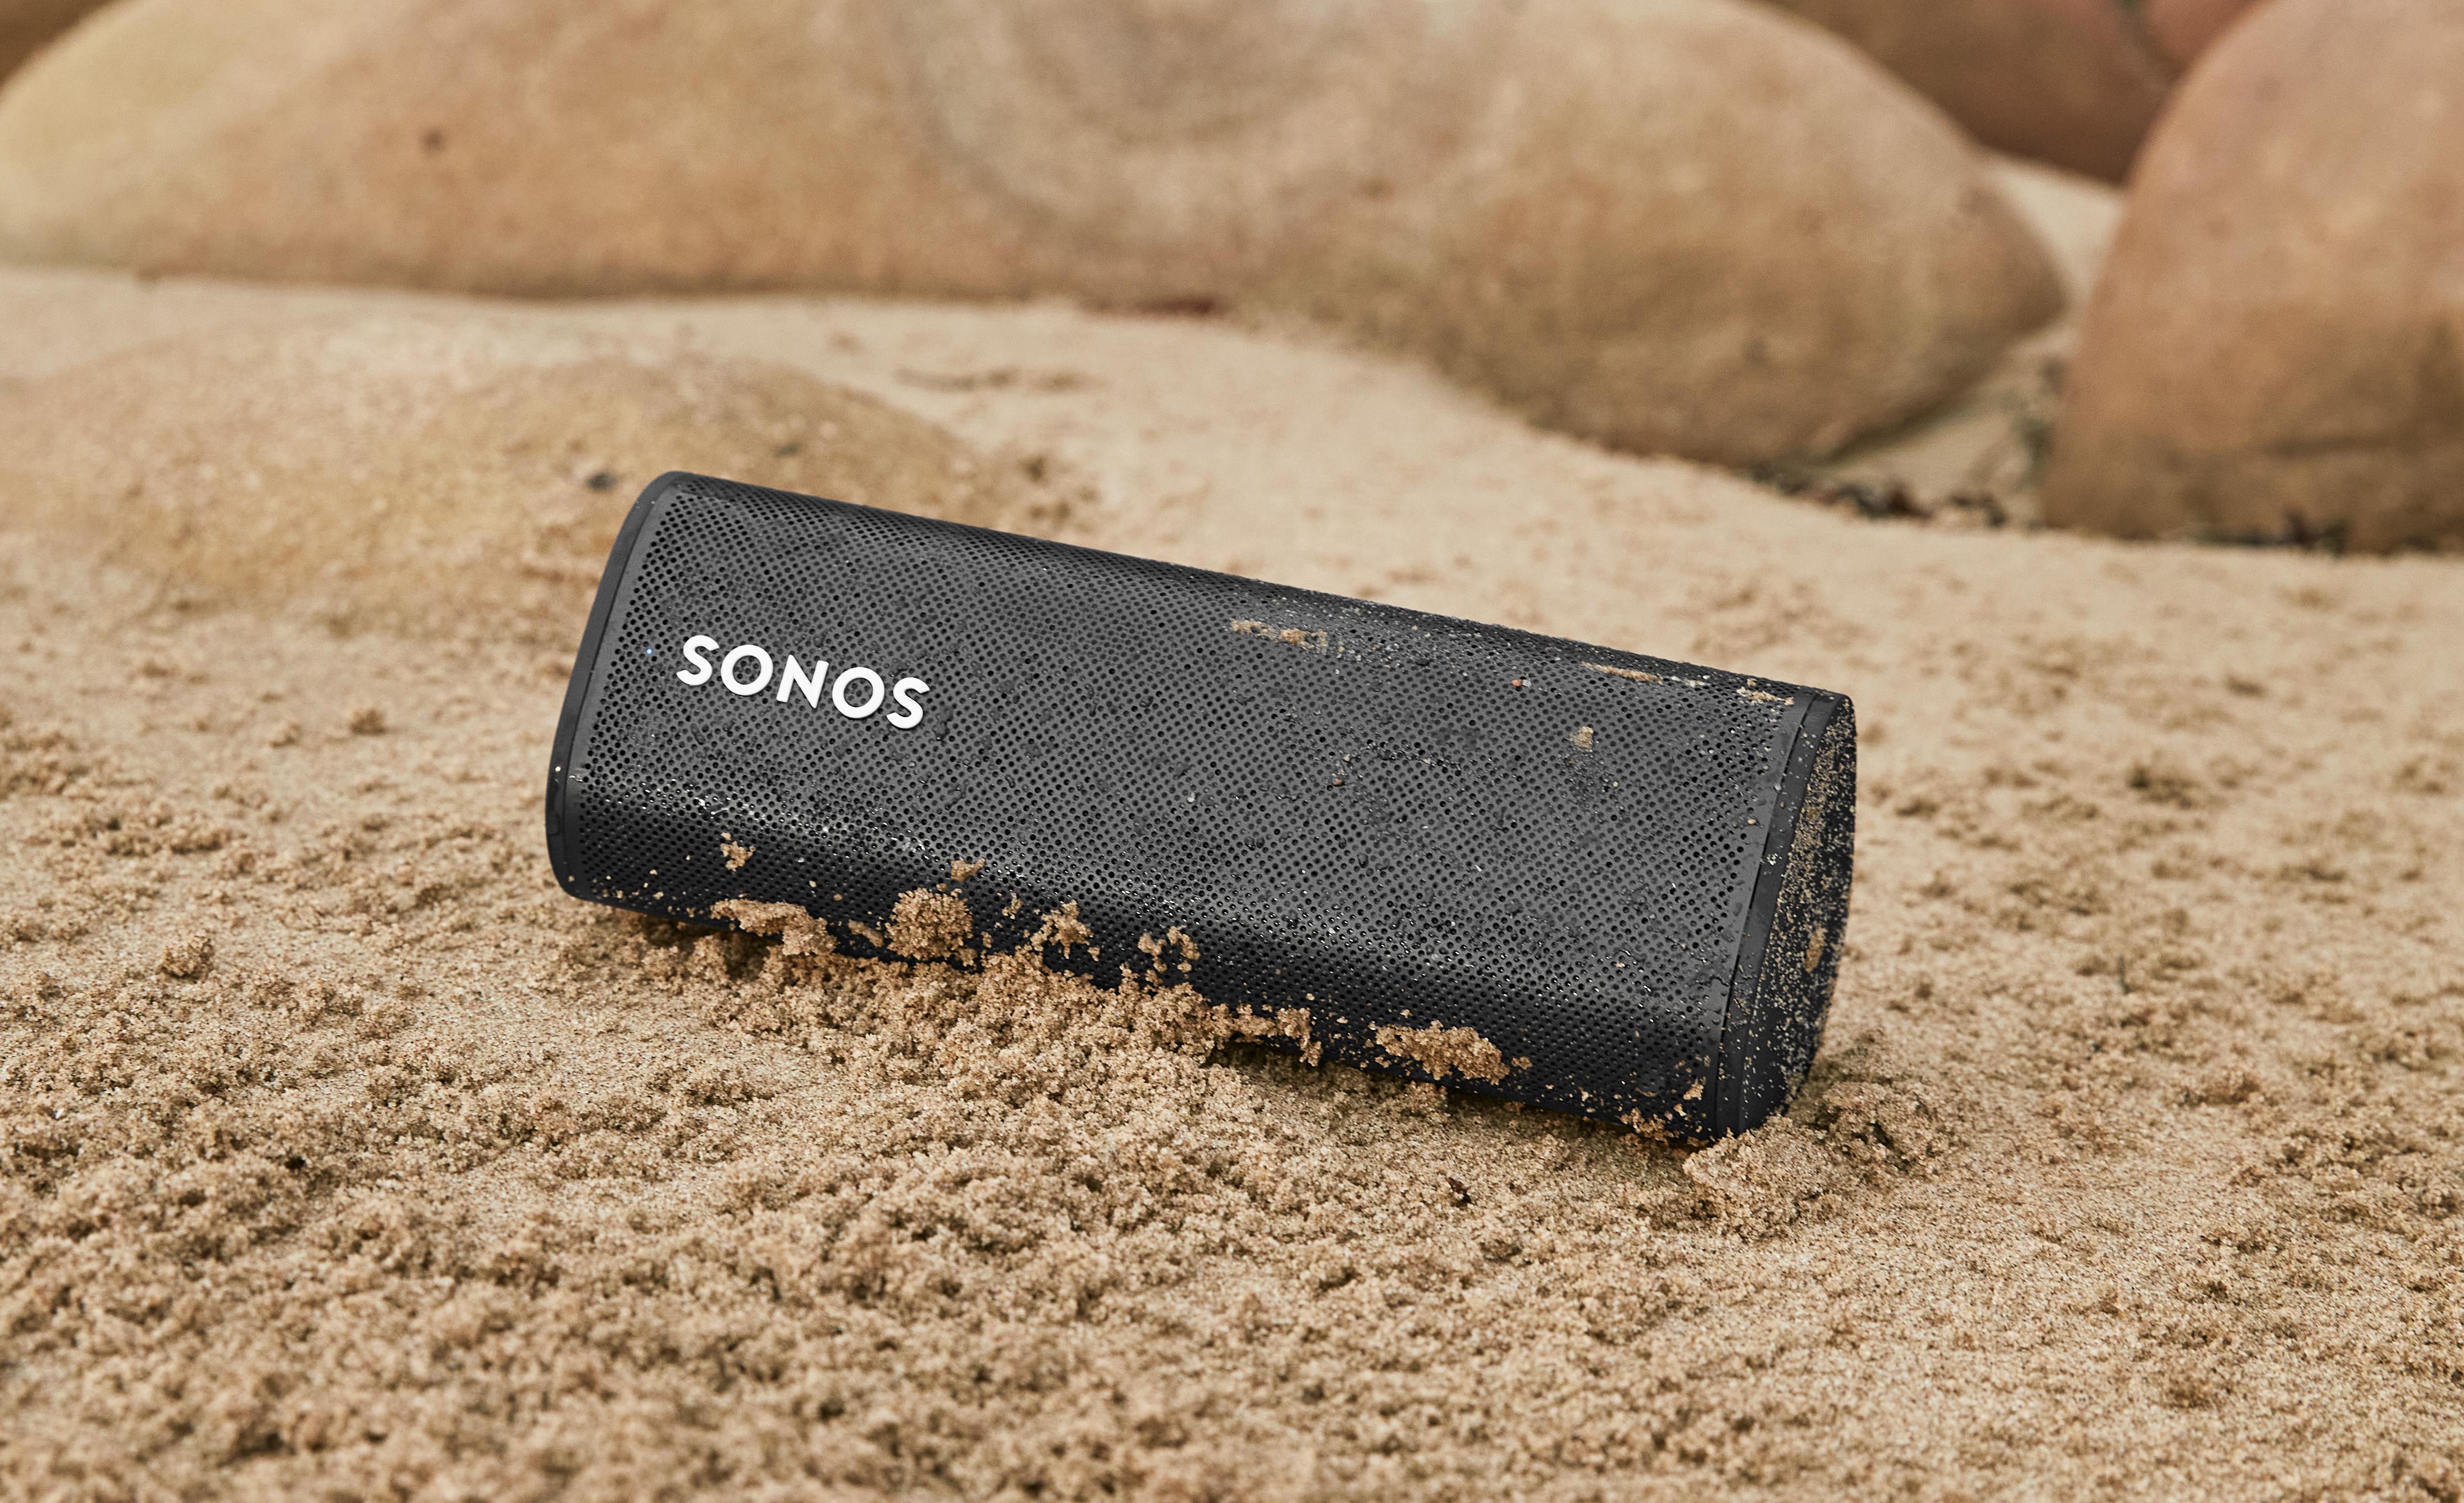 Roam: Neuer Sonos-Lautsprecher mit Bluetooth kostet 180 Euro - Roam (Bild: Sonos)